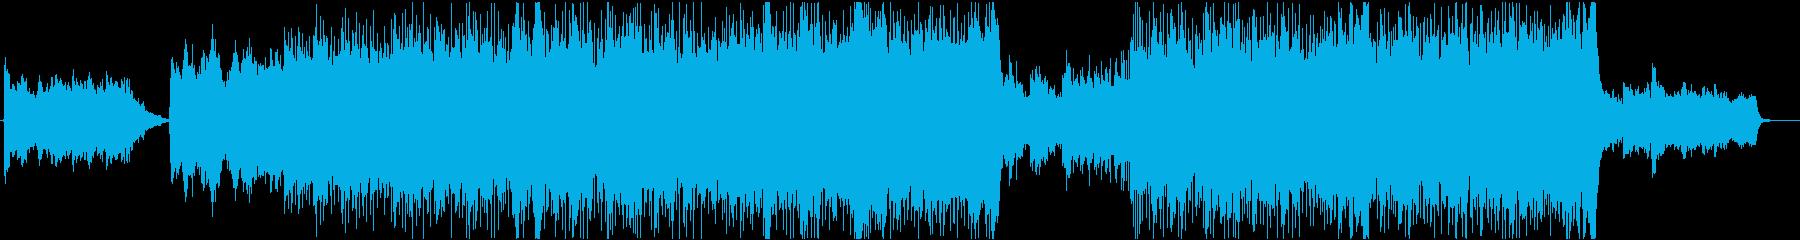 J-POP風クリスマス曲+ジングルベルの再生済みの波形